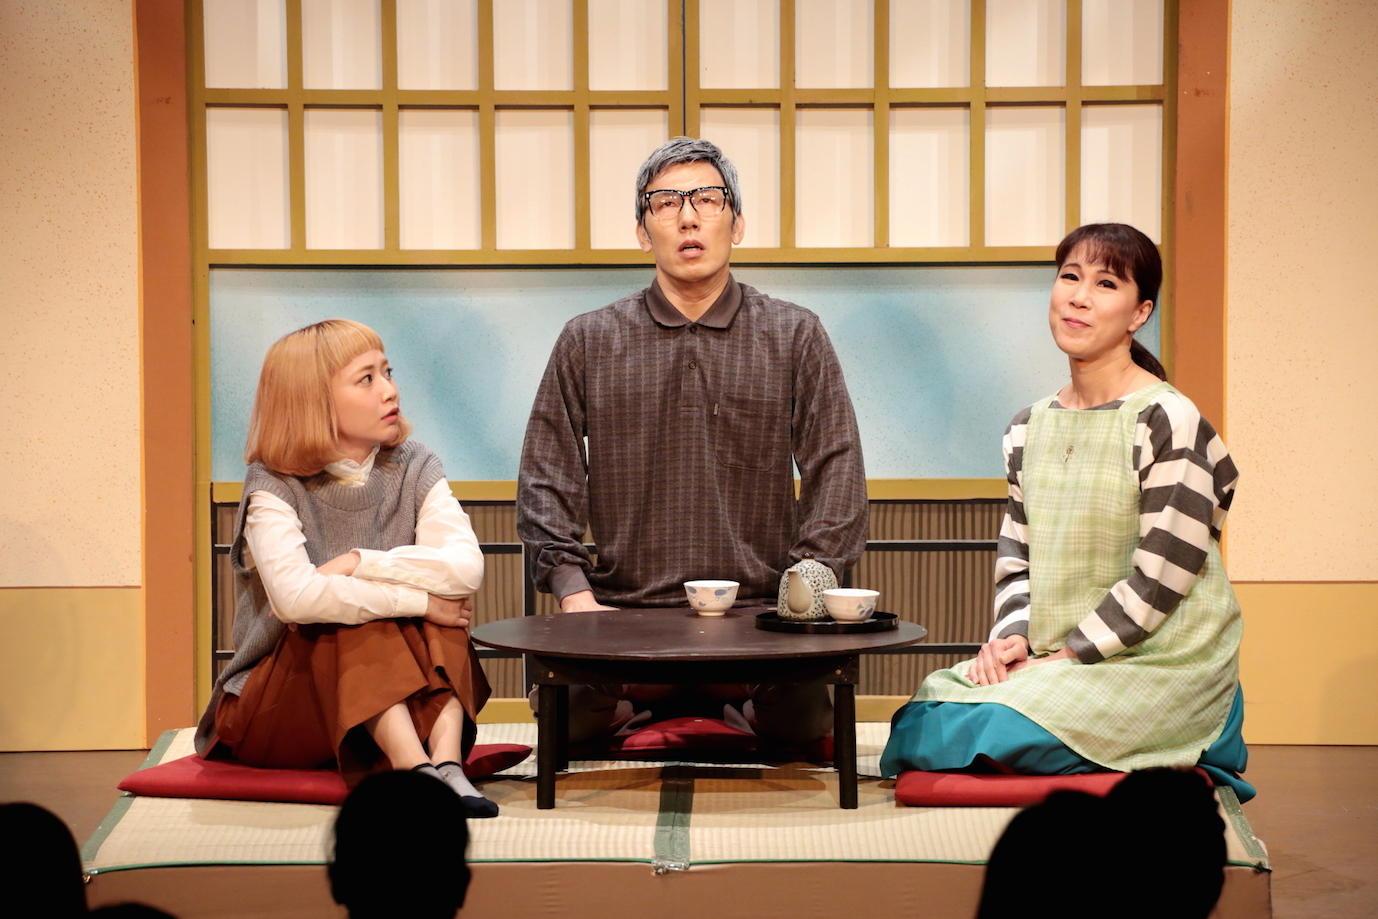 http://news.yoshimoto.co.jp/20180929111854-9c0d02775d30ae25be07c7bd565320d2ca5d7fb5.jpg